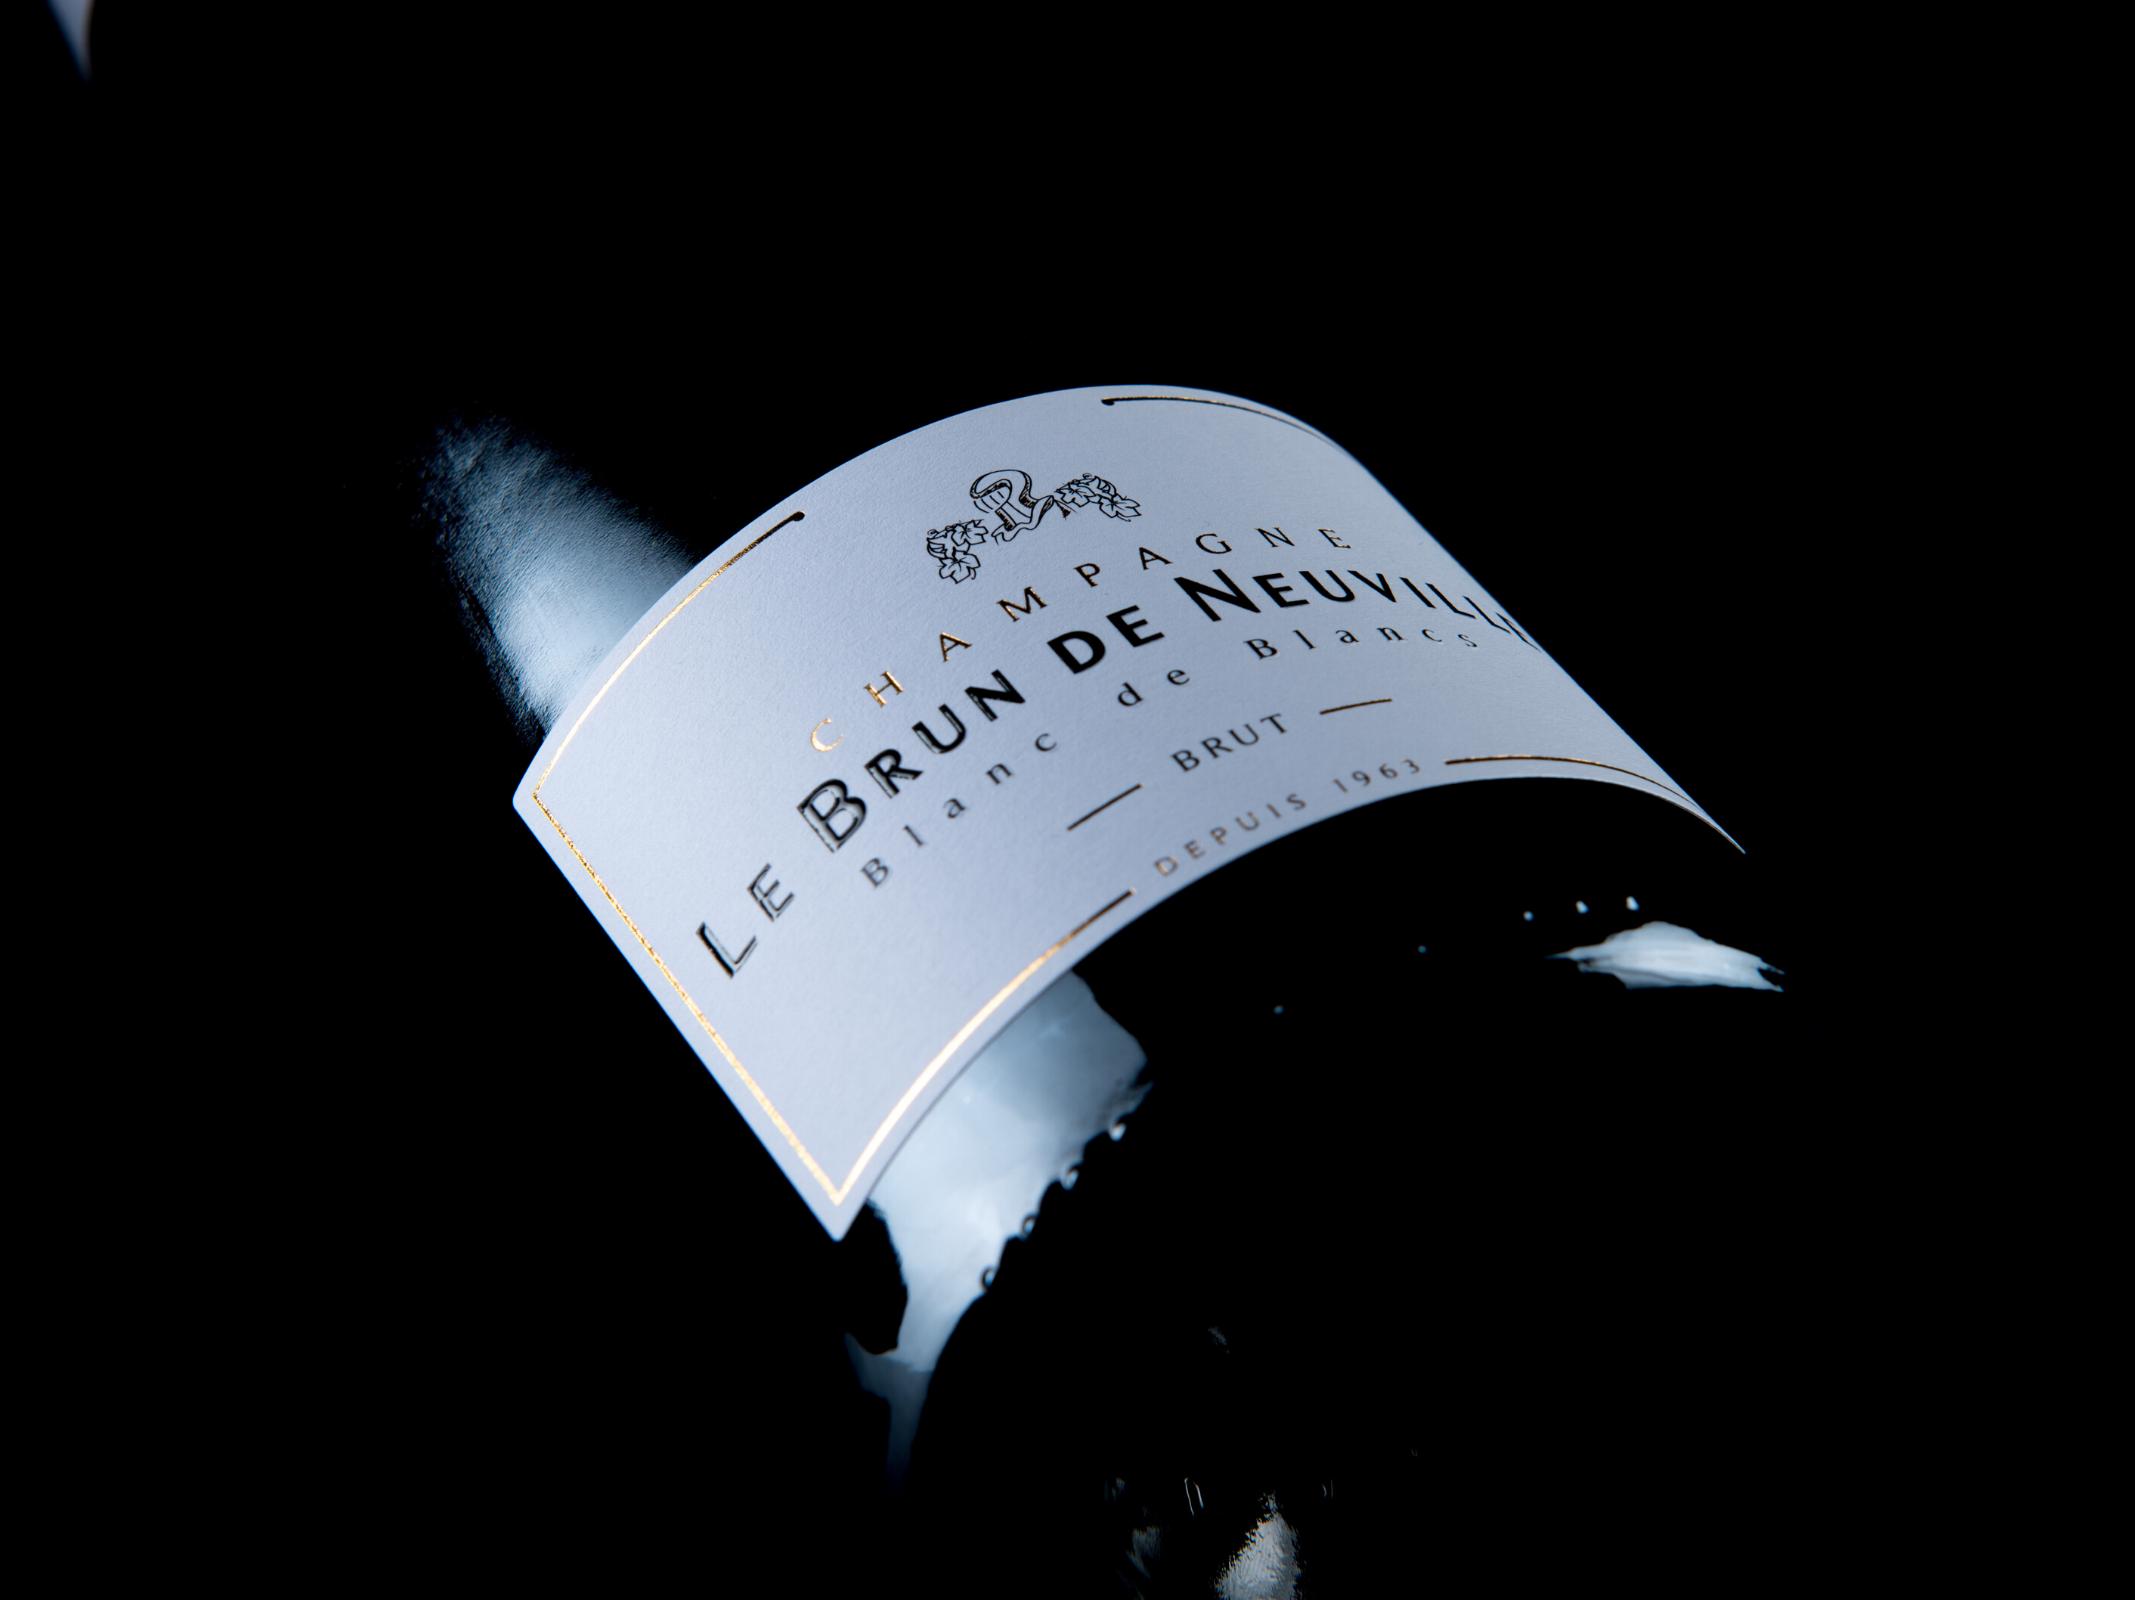 Champagne Le Brun de Neuville - Blanc de blancs brut - Marché des producteurs - Les Trésoms Annecy